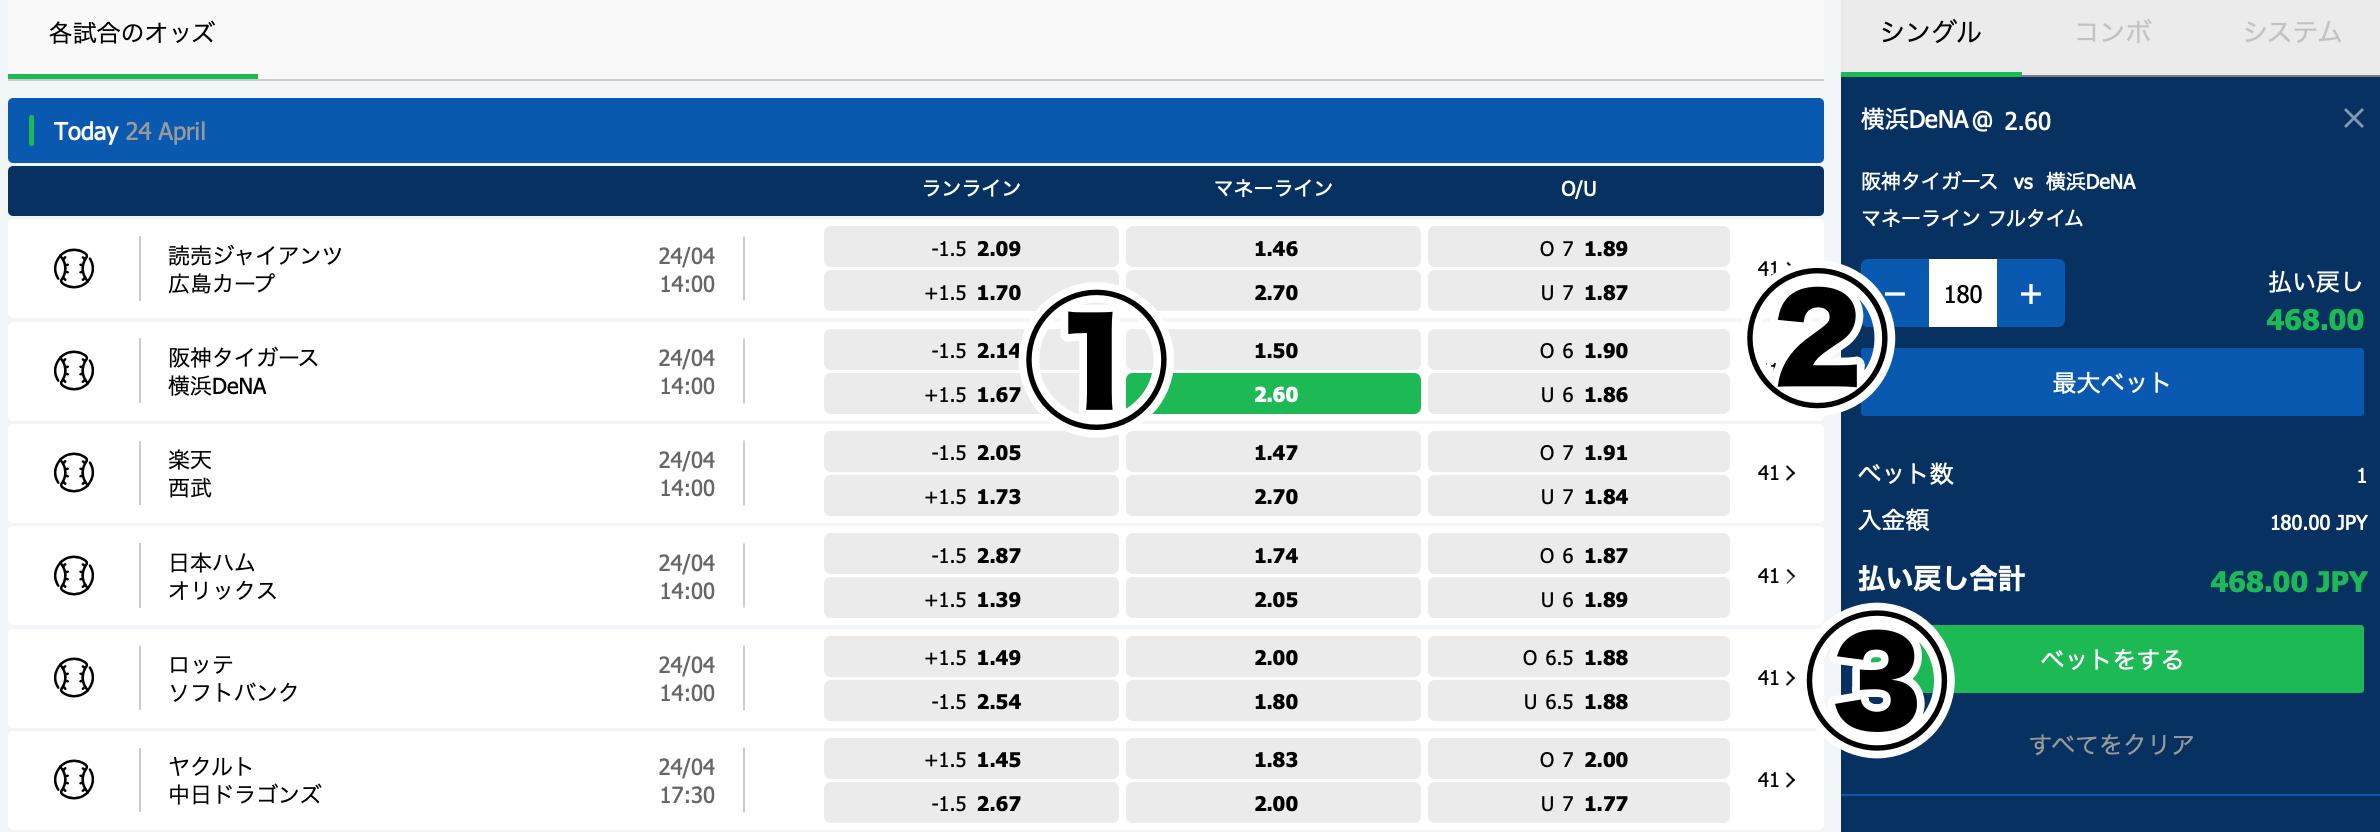 10bet Japanプロ野球やり方賭け方1